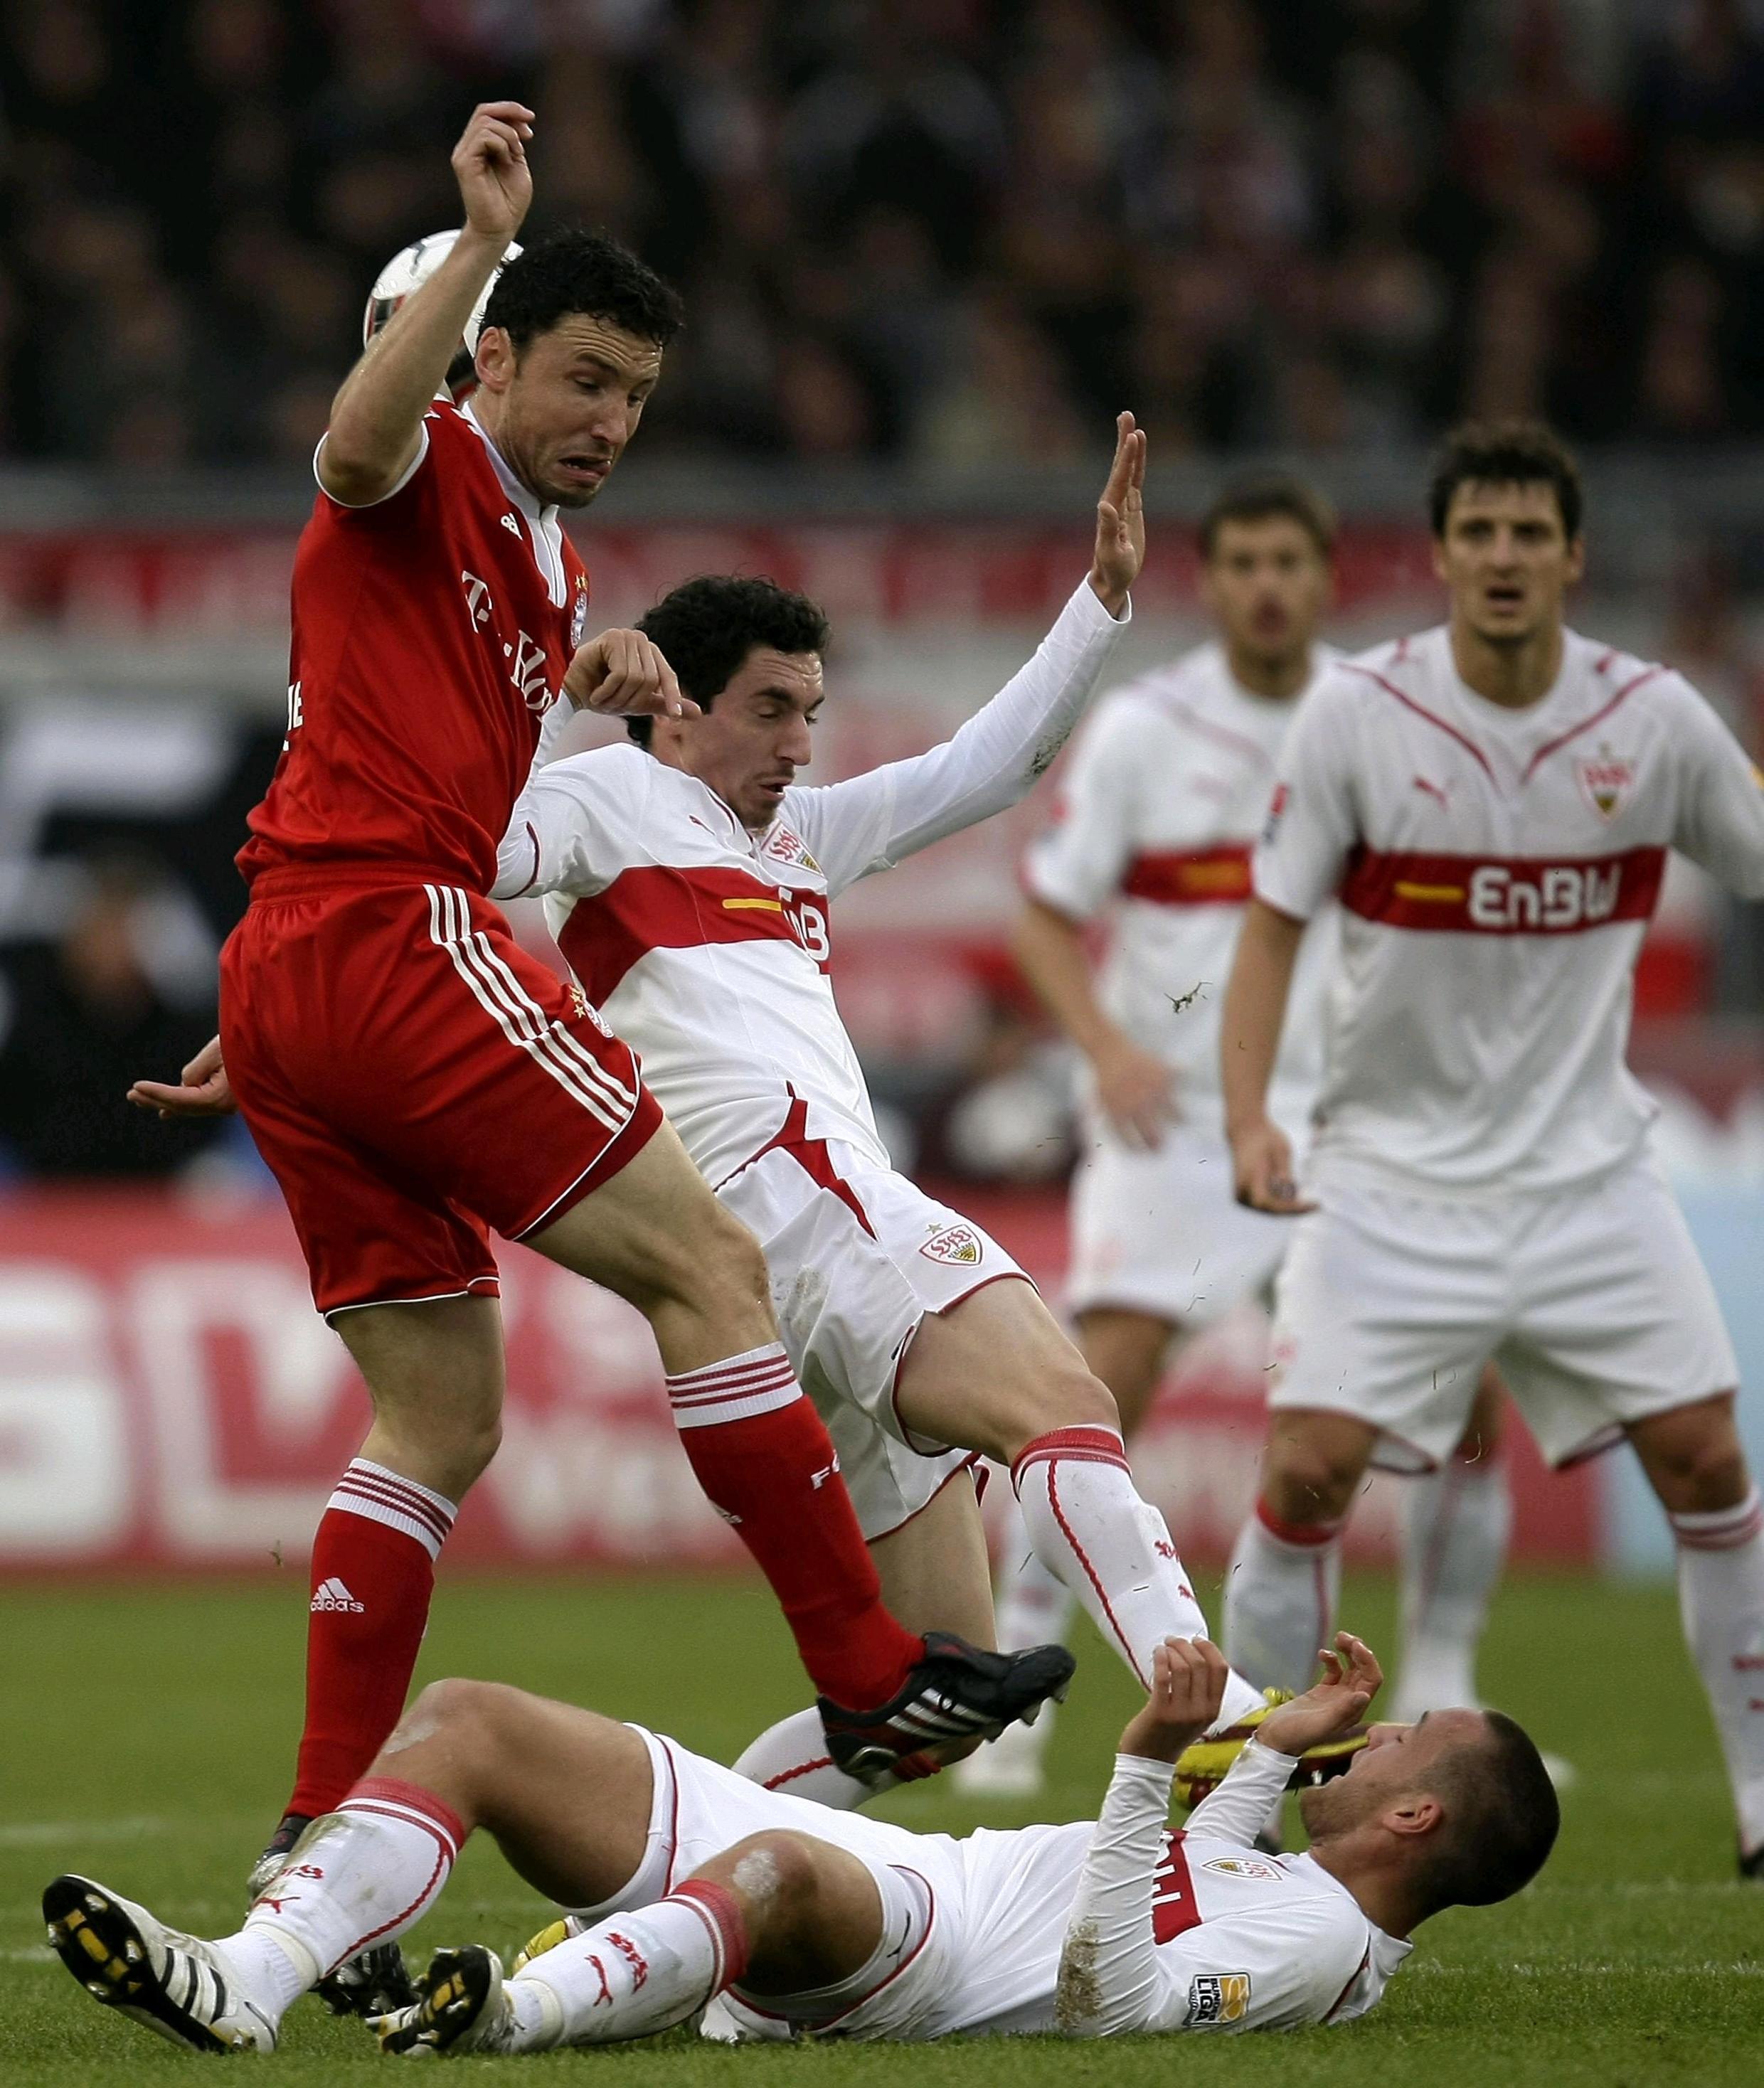 Le capitaine du Bayern Munich, Mark Van Bommel, en difficulté.